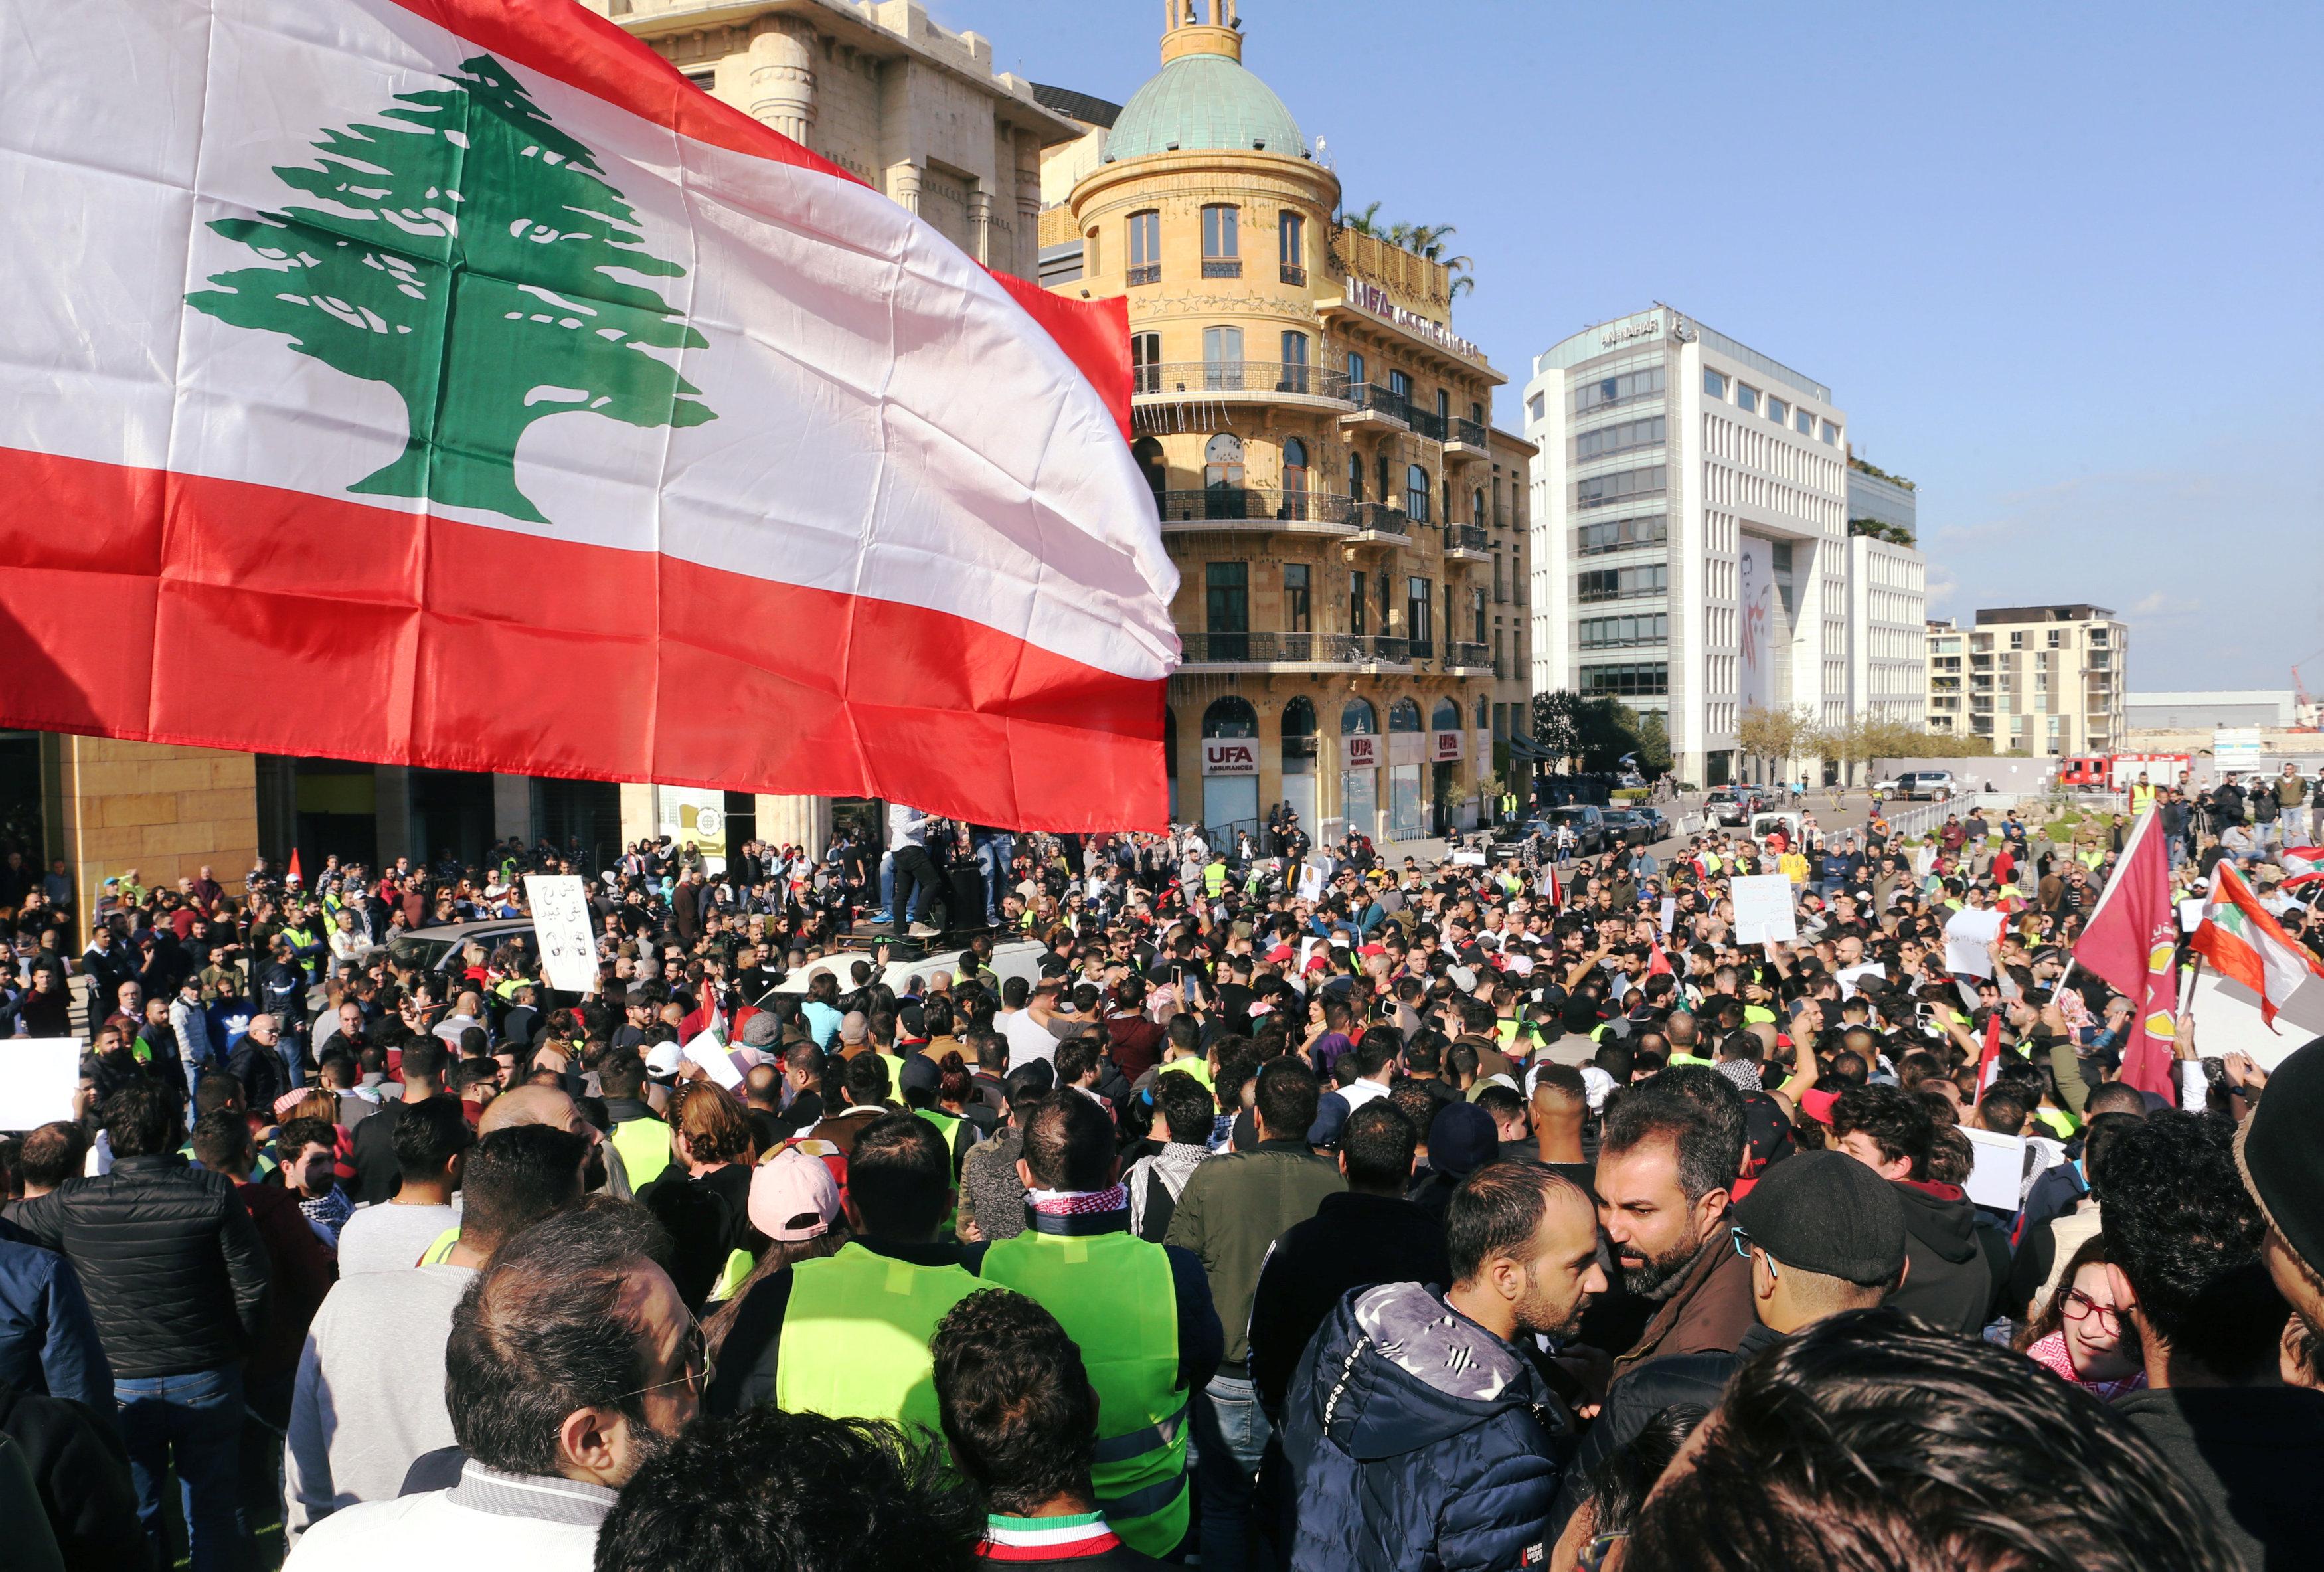 السترات الصفراء تظهر فى احتجاجات لبنان (3)